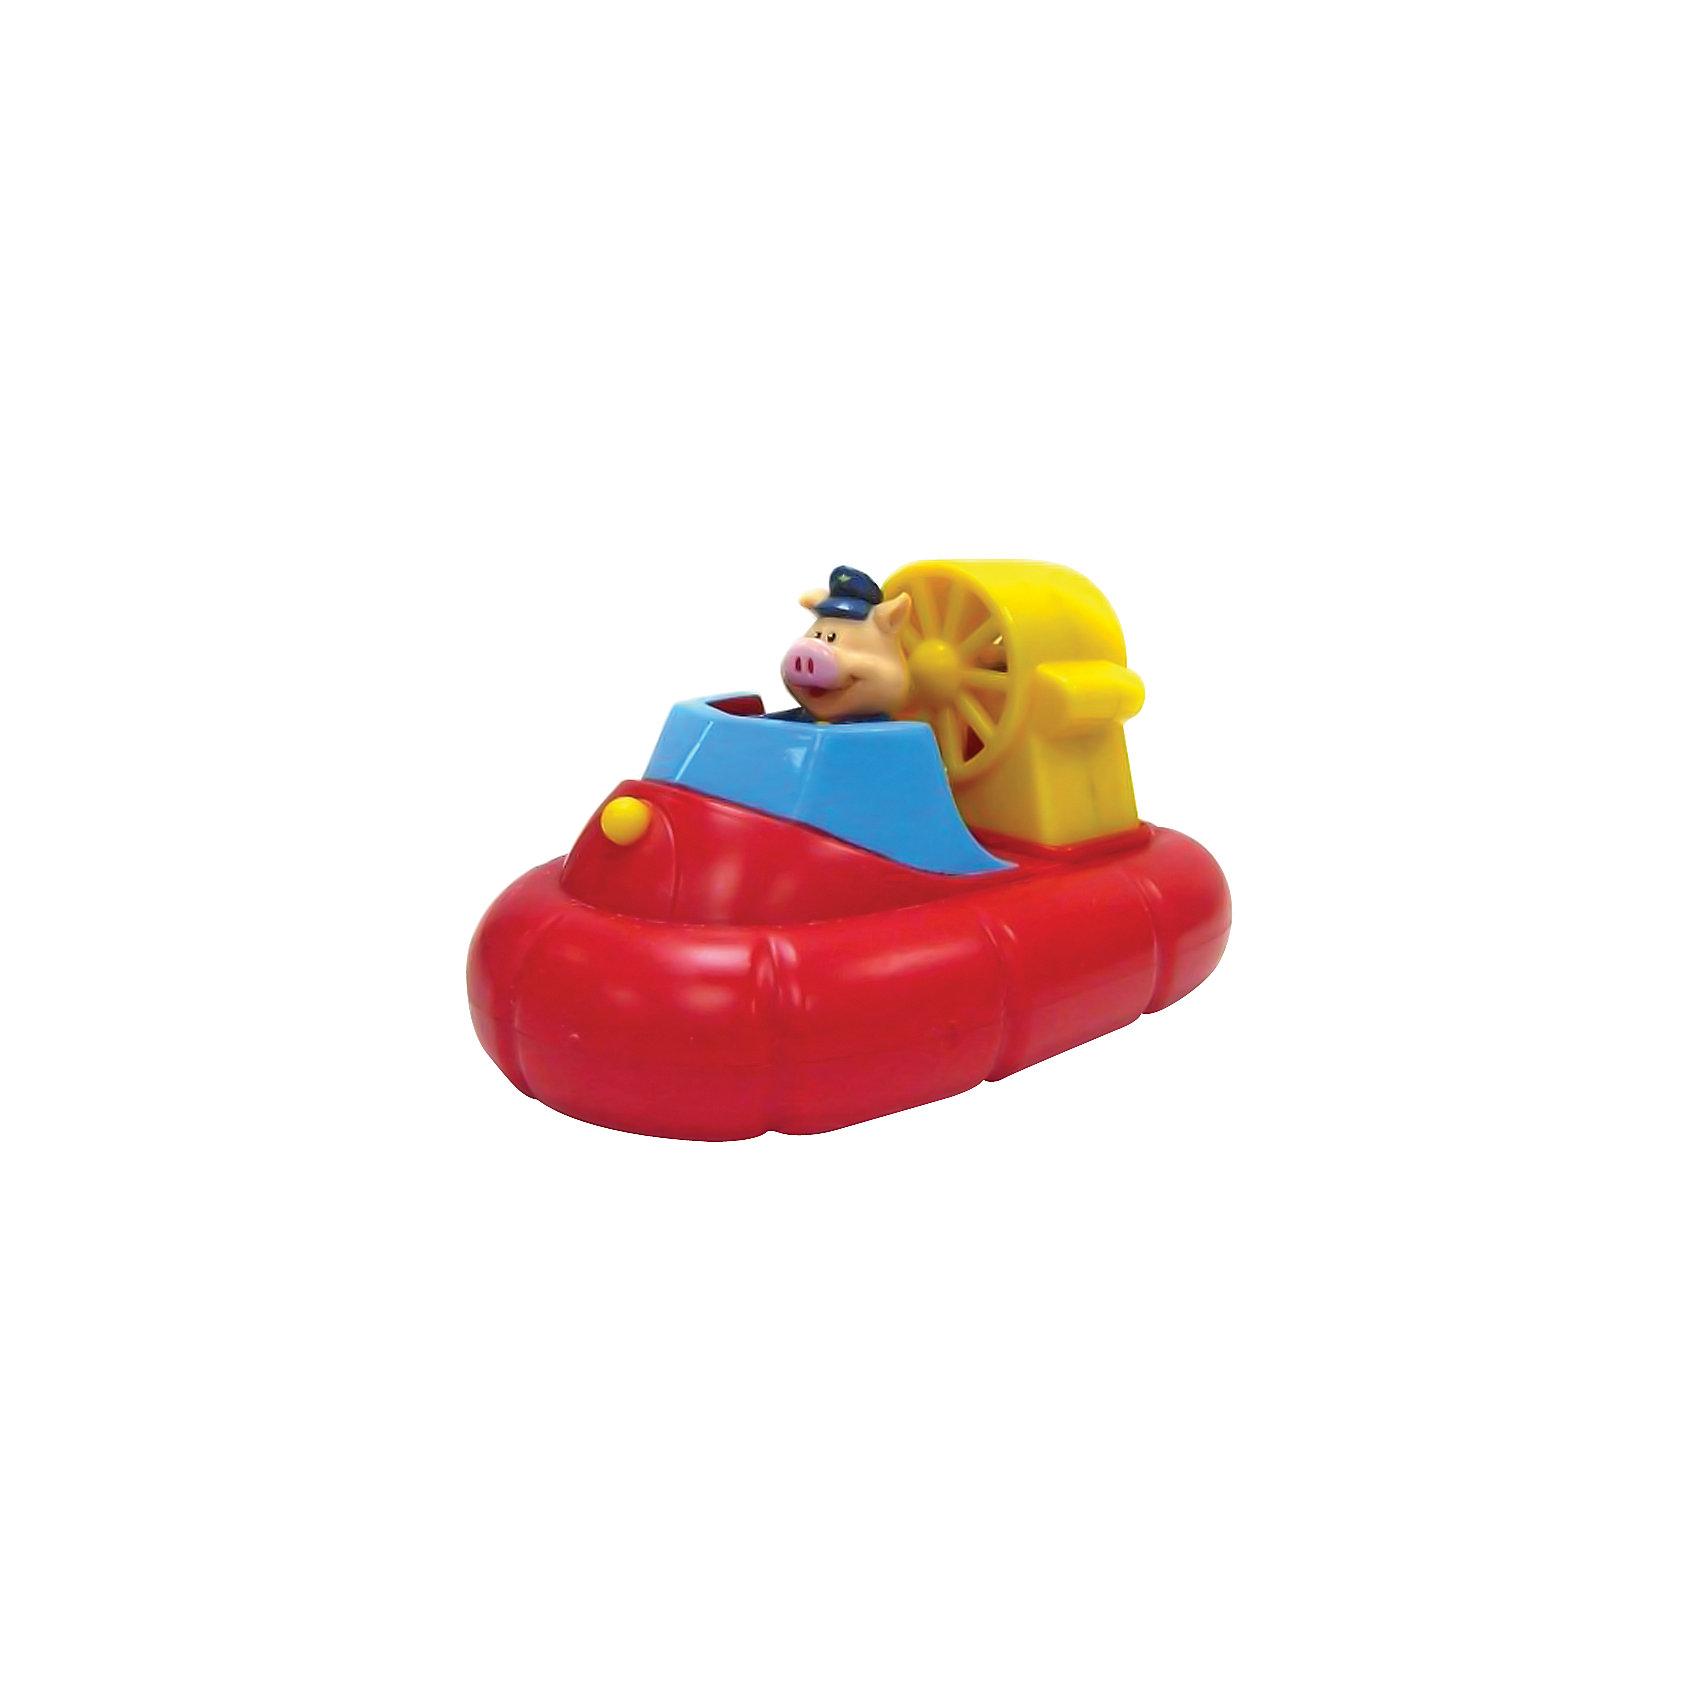 Заводная игрушка для ванной Катер, ЖирафикиКупание в ванной любят далеко не все малыши. И это оправдано. Многие из них боятся воды, которая попадает в глазки и ушки, а многие не любят, потому что им просто скучно купаться. Исправить последнее поможет игрушка для ванной, которая займет малыша во время купания. Игрушка изготовлена из пластика, поэтому не утонет даже при активной игре! Материалы, использованные при изготовлении товара, абсолютно безопасны и отвечают всем международным требованиям по качеству.<br><br>Дополнительные характеристики:<br><br>материал: пластик;<br>цвет: разноцветный.<br><br>Игрушку для ванной Катер от компании Жирафики можно приобрести в нашем магазине.<br><br>Ширина мм: 527<br>Глубина мм: 368<br>Высота мм: 228<br>Вес г: 171<br>Возраст от месяцев: 12<br>Возраст до месяцев: 60<br>Пол: Унисекс<br>Возраст: Детский<br>SKU: 5032533